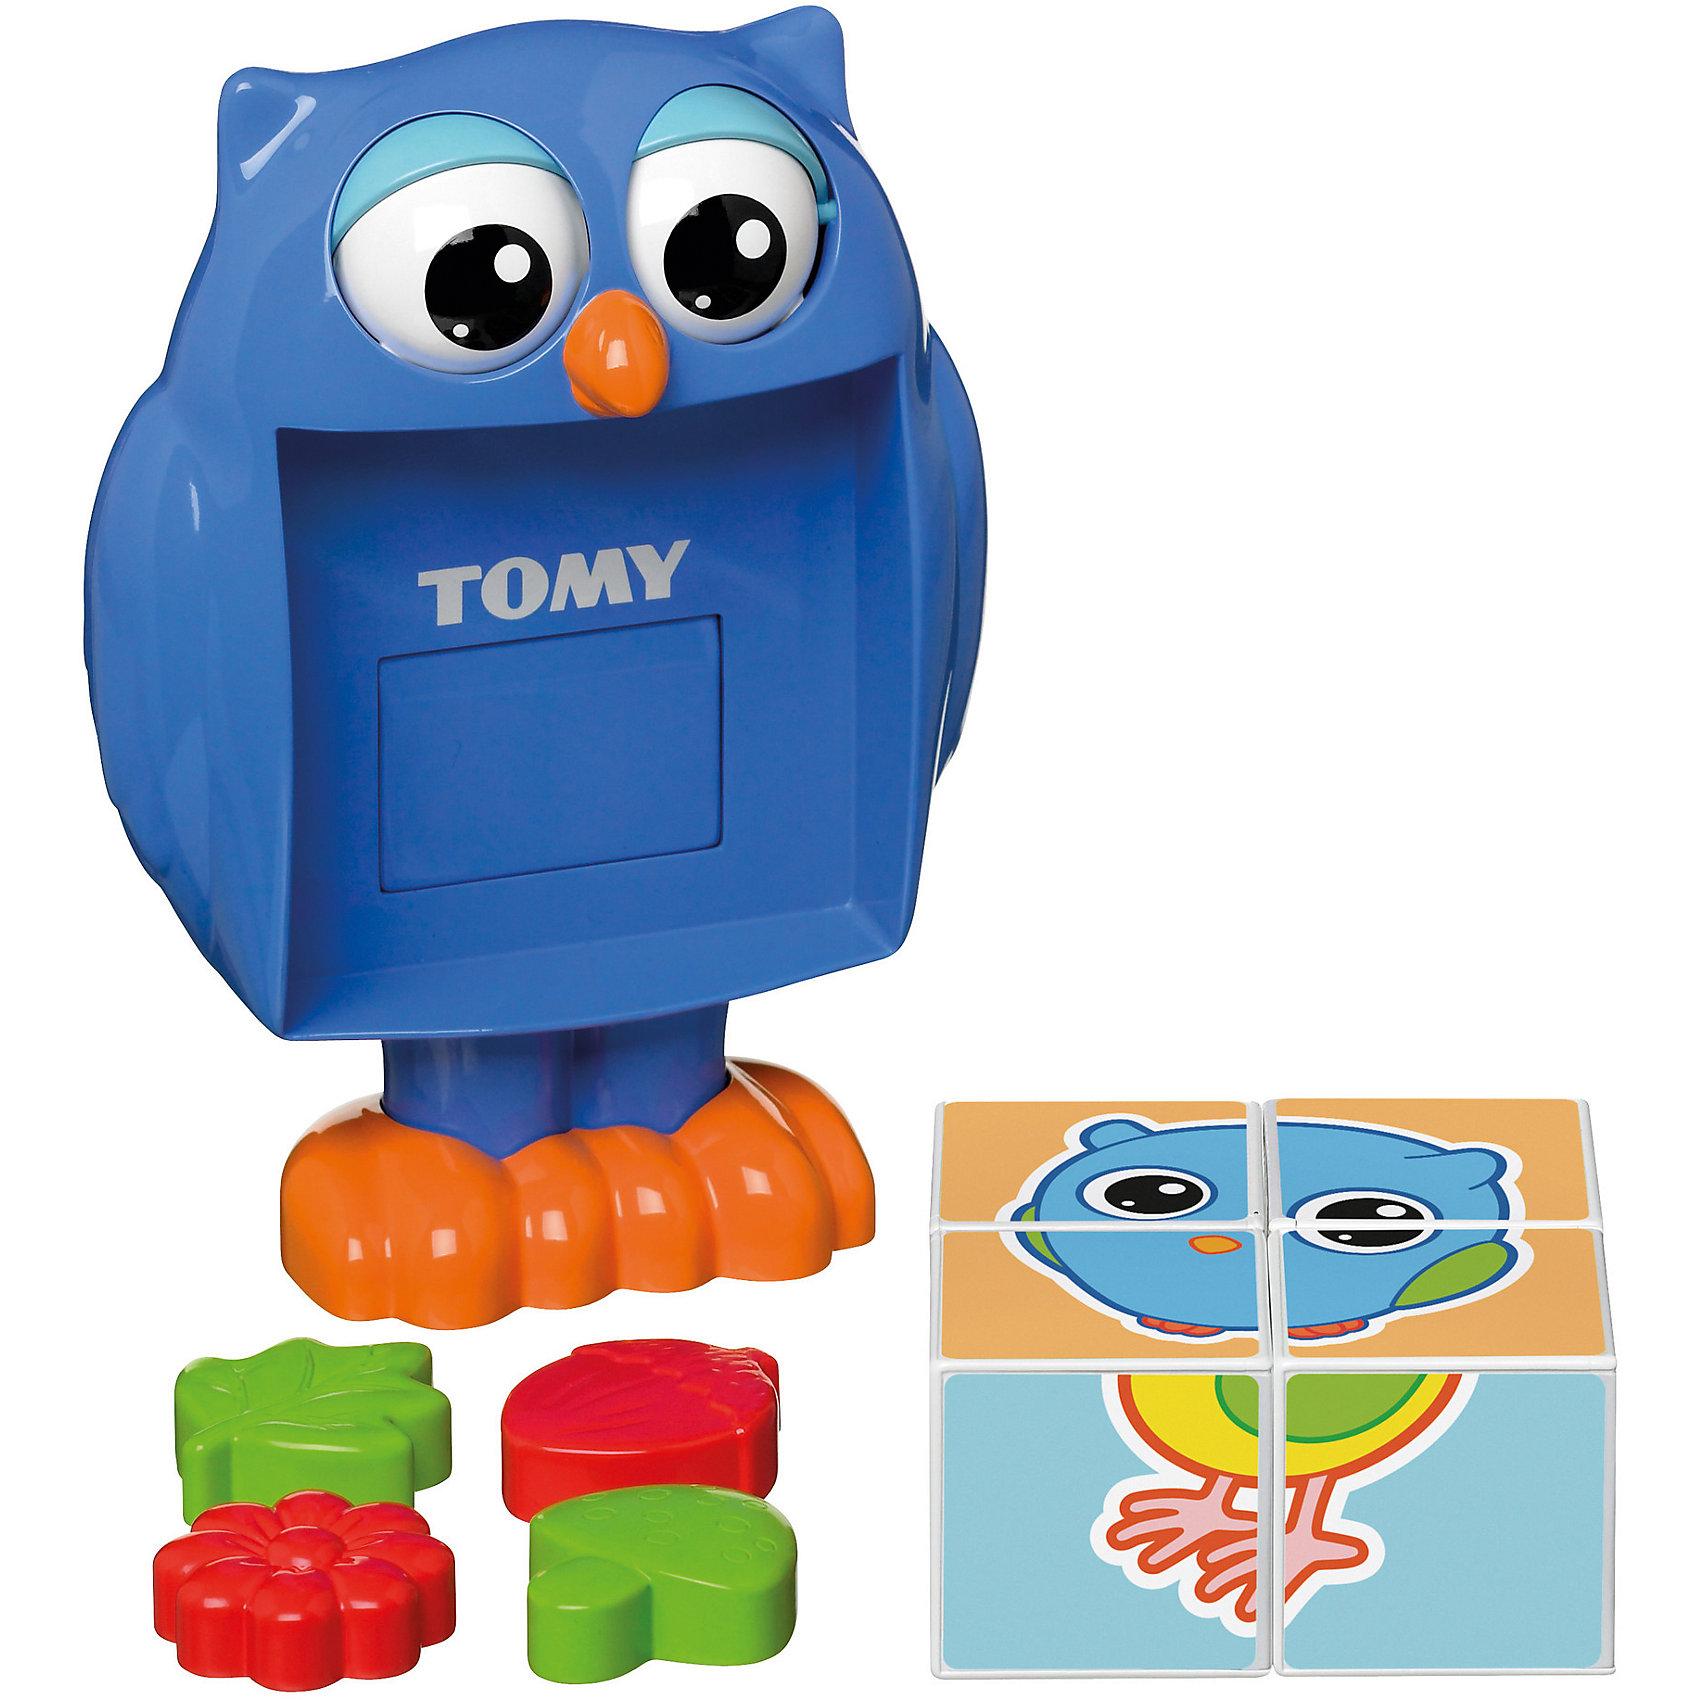 Кубики-сортер от профессора Совы, TOMYСортеры<br>Кубики-сортер от профессора Совы, TOMY (Томи) обязательно понравятся малышам. Чтобы начать игру, кроха должен нажать на голову совы и из ее животика выпадут четыре кубика. Из кубиков ребенок сможет собрать простые картинки. Кроме того, на одной из сторон каждого кубика малыш найдет формочку в виде  цветка, листочка, желудя или гриба, с ней можно играть отдельно, например, брать с собой в песочницу. Игрушка выполнена из высококачественного пластика, не имеет острых углов и мелких деталей, безопасна для детей. Игра с кубиками поможет крохе развить, внимание, моторику и память.<br><br>Дополнительная информация: <br><br>- Материал: пластик.<br>- Комплектация: Сова, кубики (4 шт), формочки (4 шт).<br>- Размер: 27х25х11,5 см.<br><br>Кубики-сортер от профессора Совы, TOMY можно купить в нашем магазине.<br><br>Ширина мм: 240<br>Глубина мм: 100<br>Высота мм: 210<br>Вес г: 1000<br>Возраст от месяцев: 12<br>Возраст до месяцев: 36<br>Пол: Унисекс<br>Возраст: Детский<br>SKU: 4002160